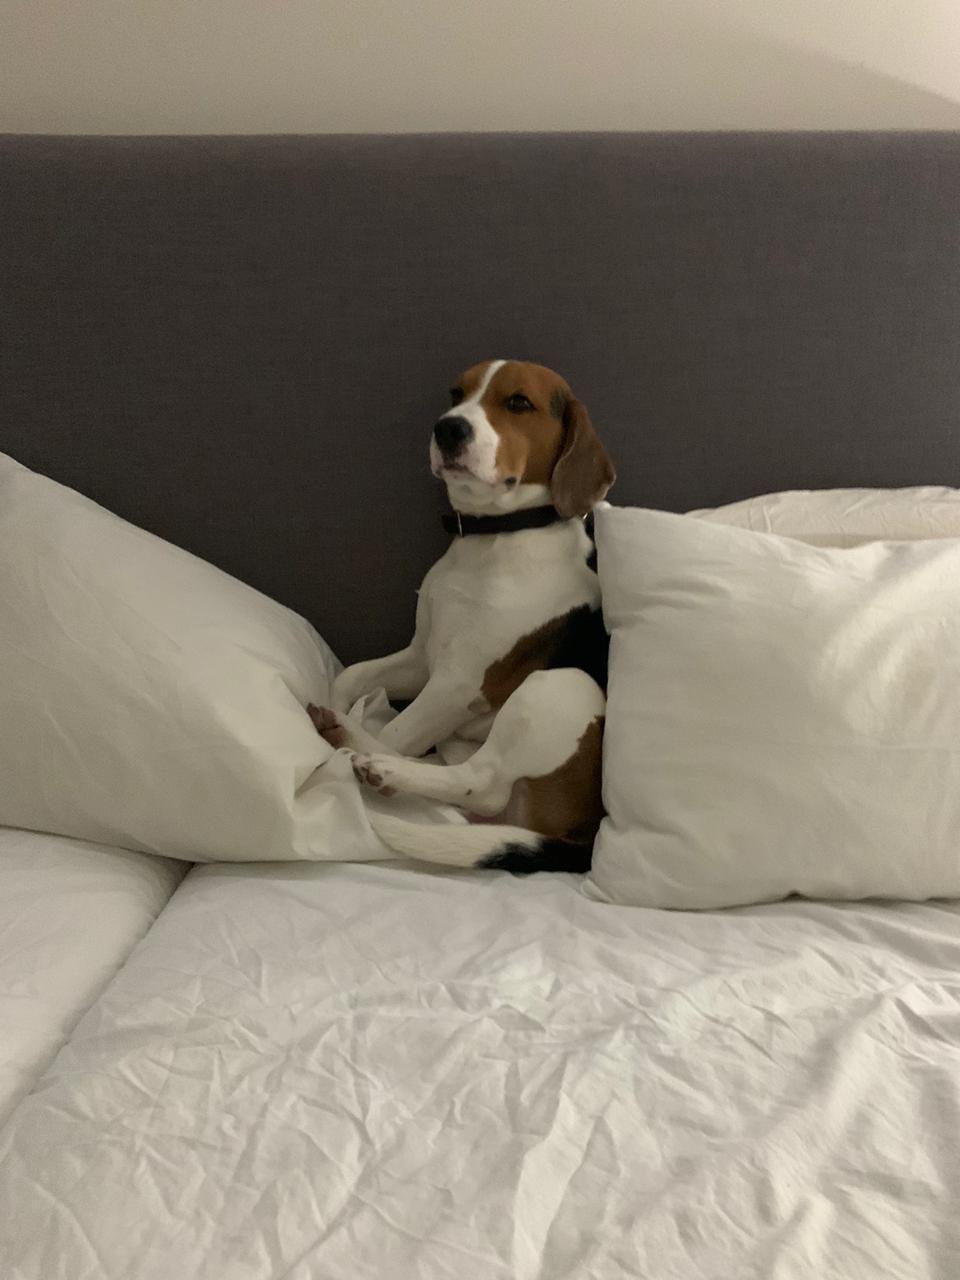 Pin By Lori Greene On My Beagle World Vizsla Puppies Beagle